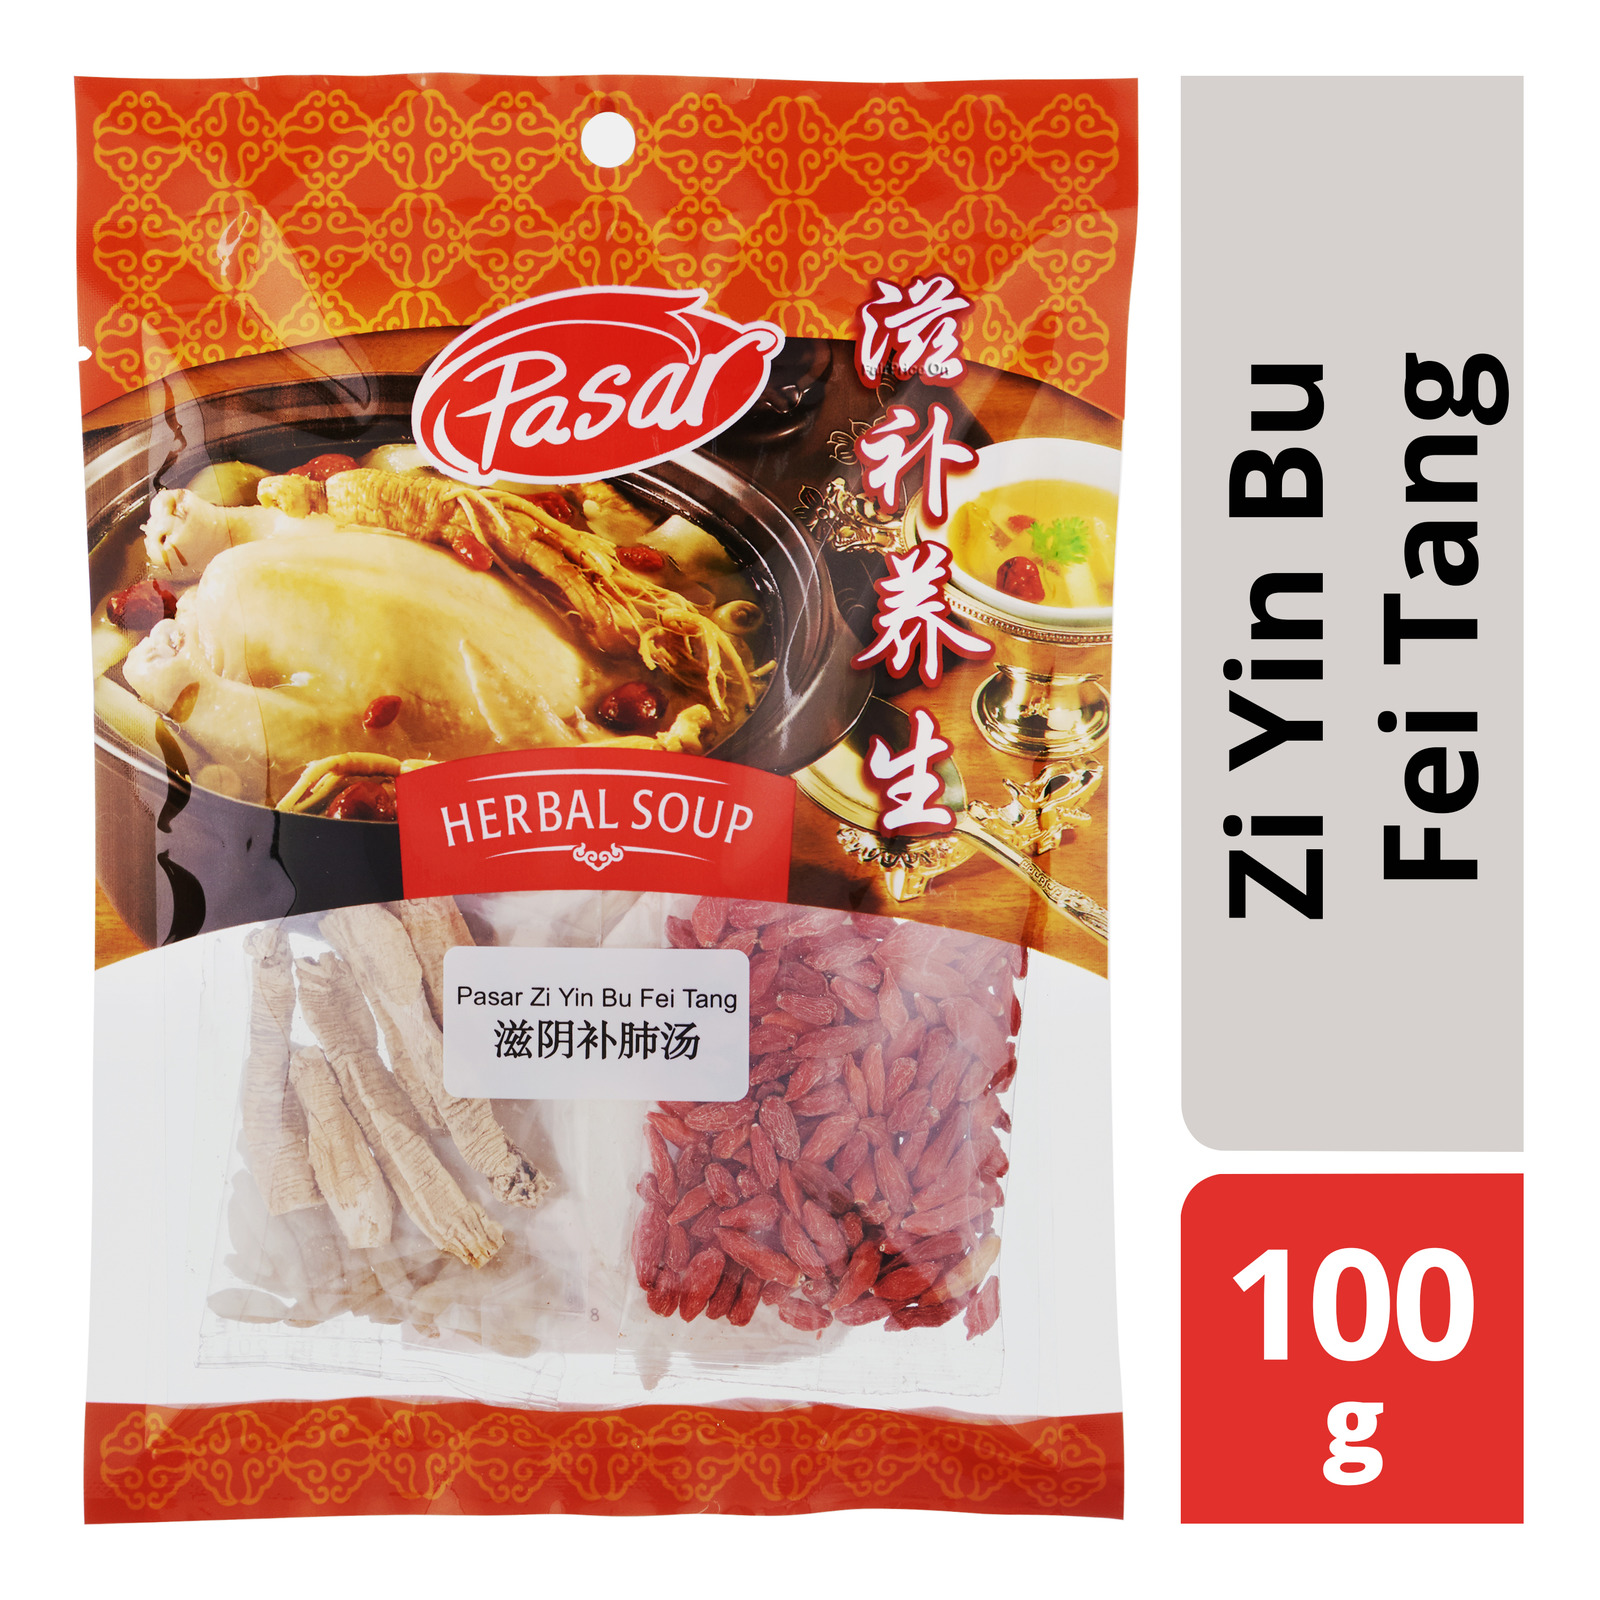 Pasar Herbal Soup - Zi Yin Bu Fei Tang